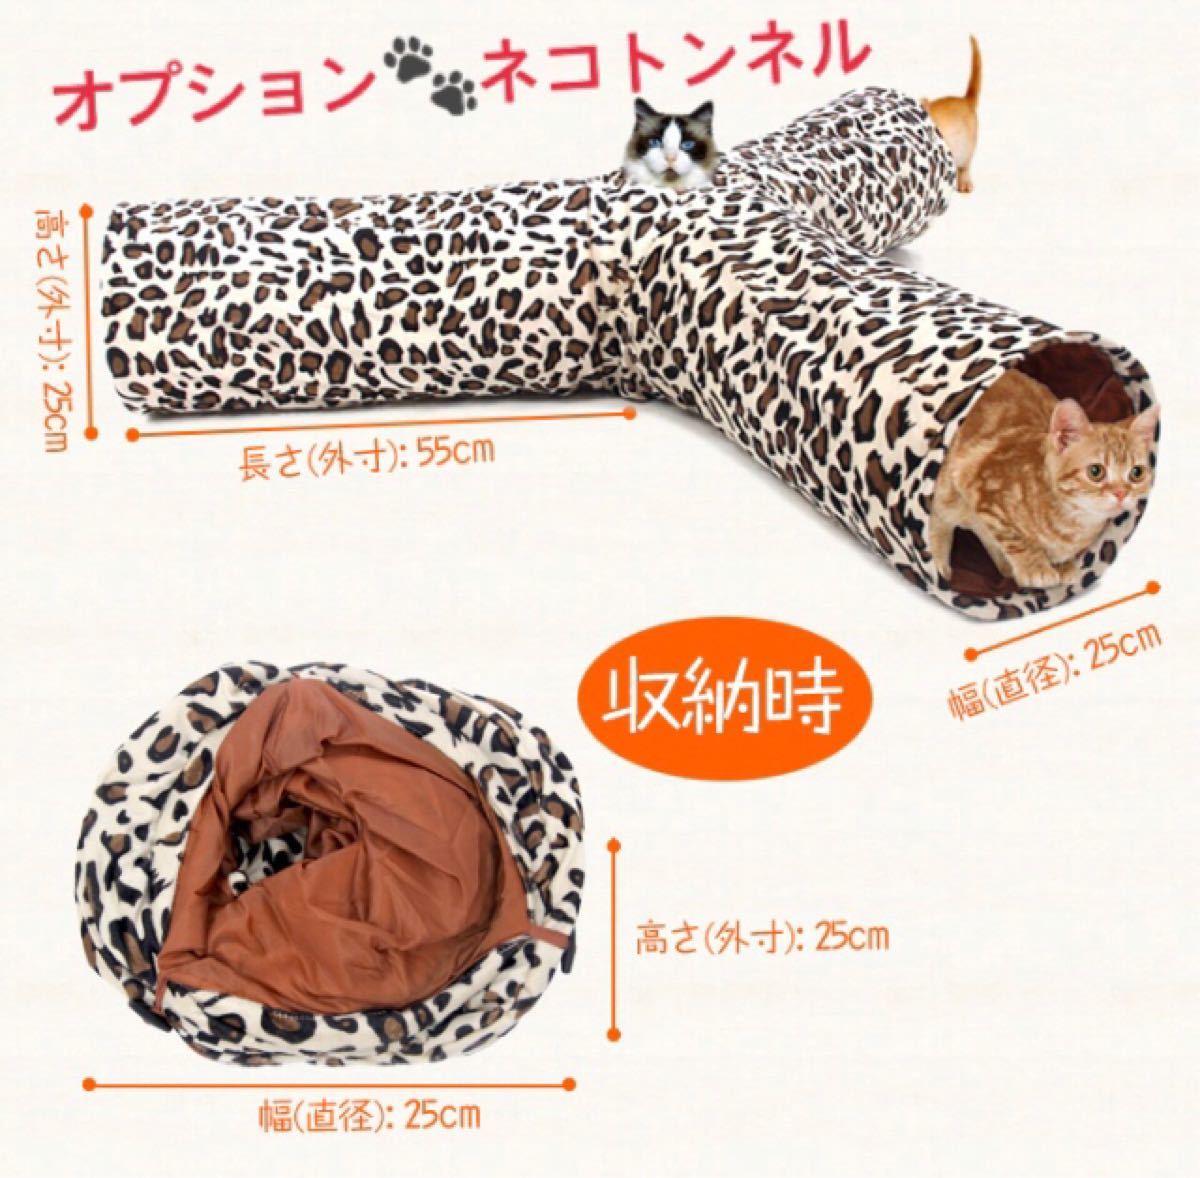 猫用ベッド  寝袋  ネコハウス クッション あったか 冬用